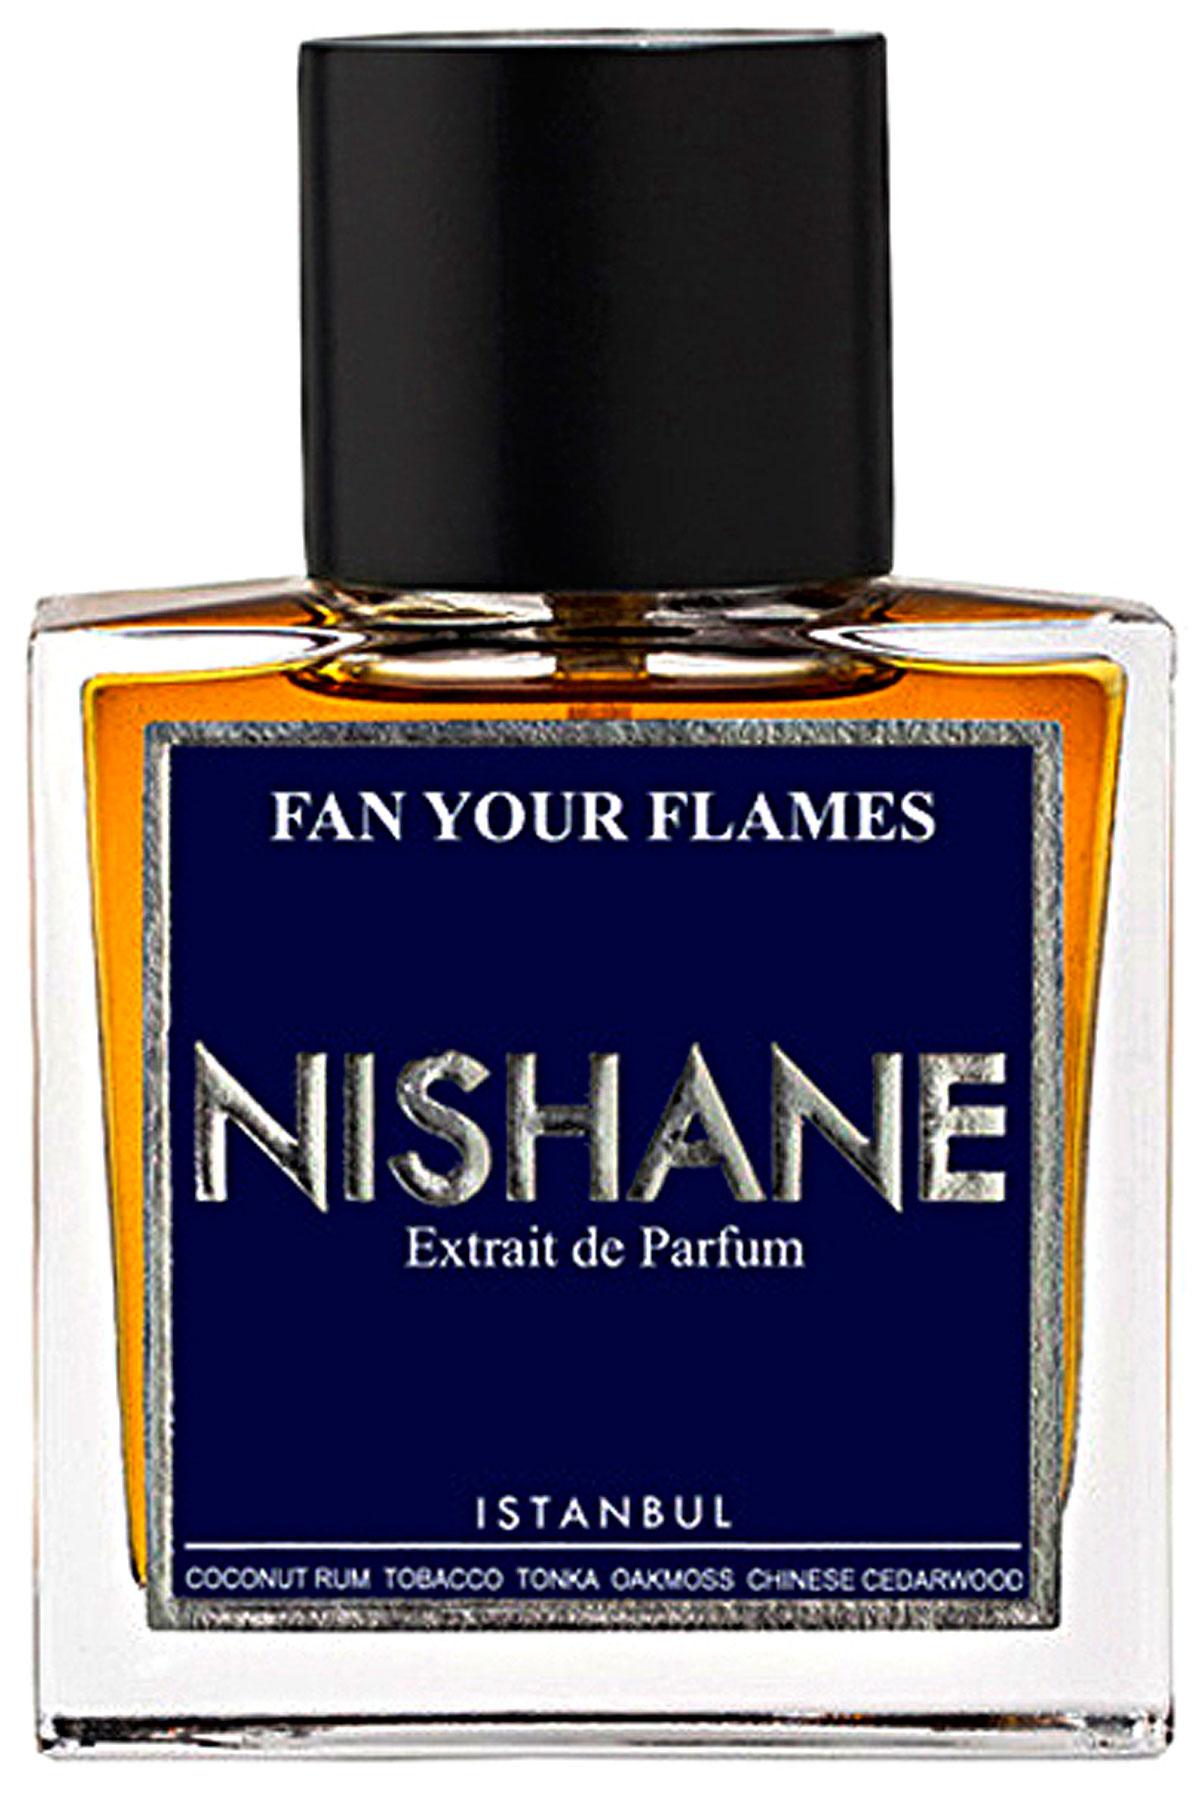 Nishane Fragrances for Men, Fan Your Flames - Extrait De Parfum - 50 Ml, 2019, 50 ml